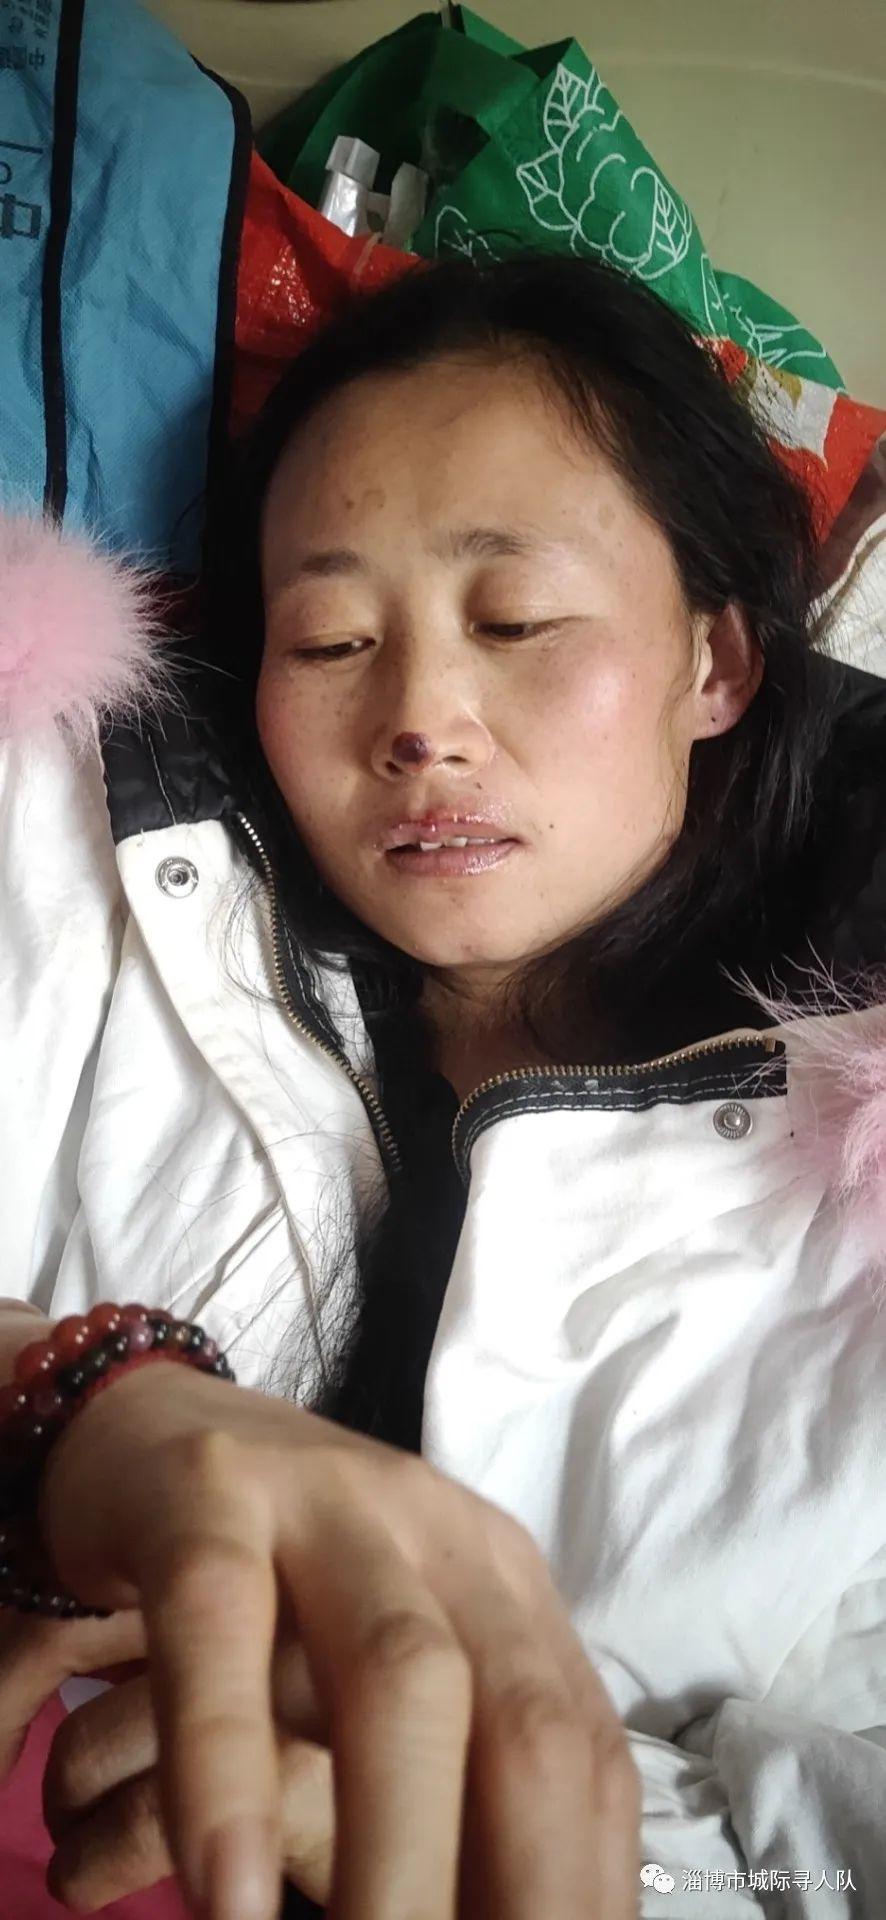 【寻人启事】@淄博所有人一老人、一妇女走失求助求助求助